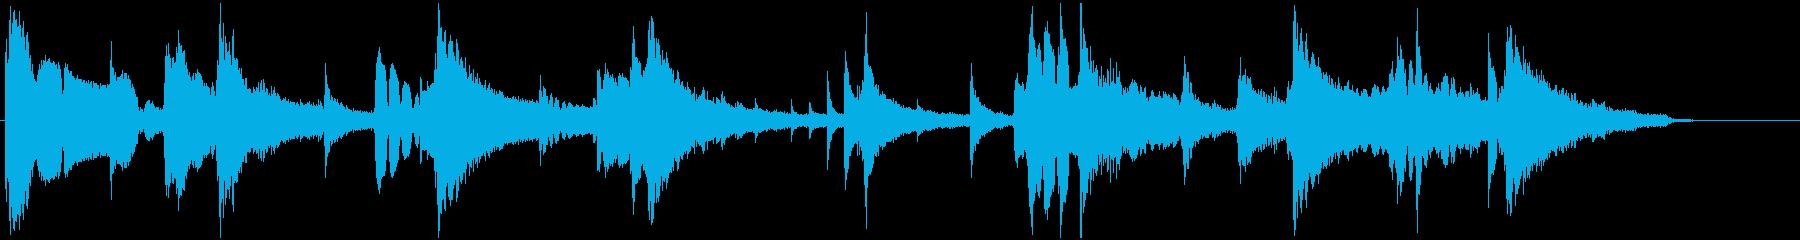 ジングル 秋の気配 ジャズ クラリネットの再生済みの波形